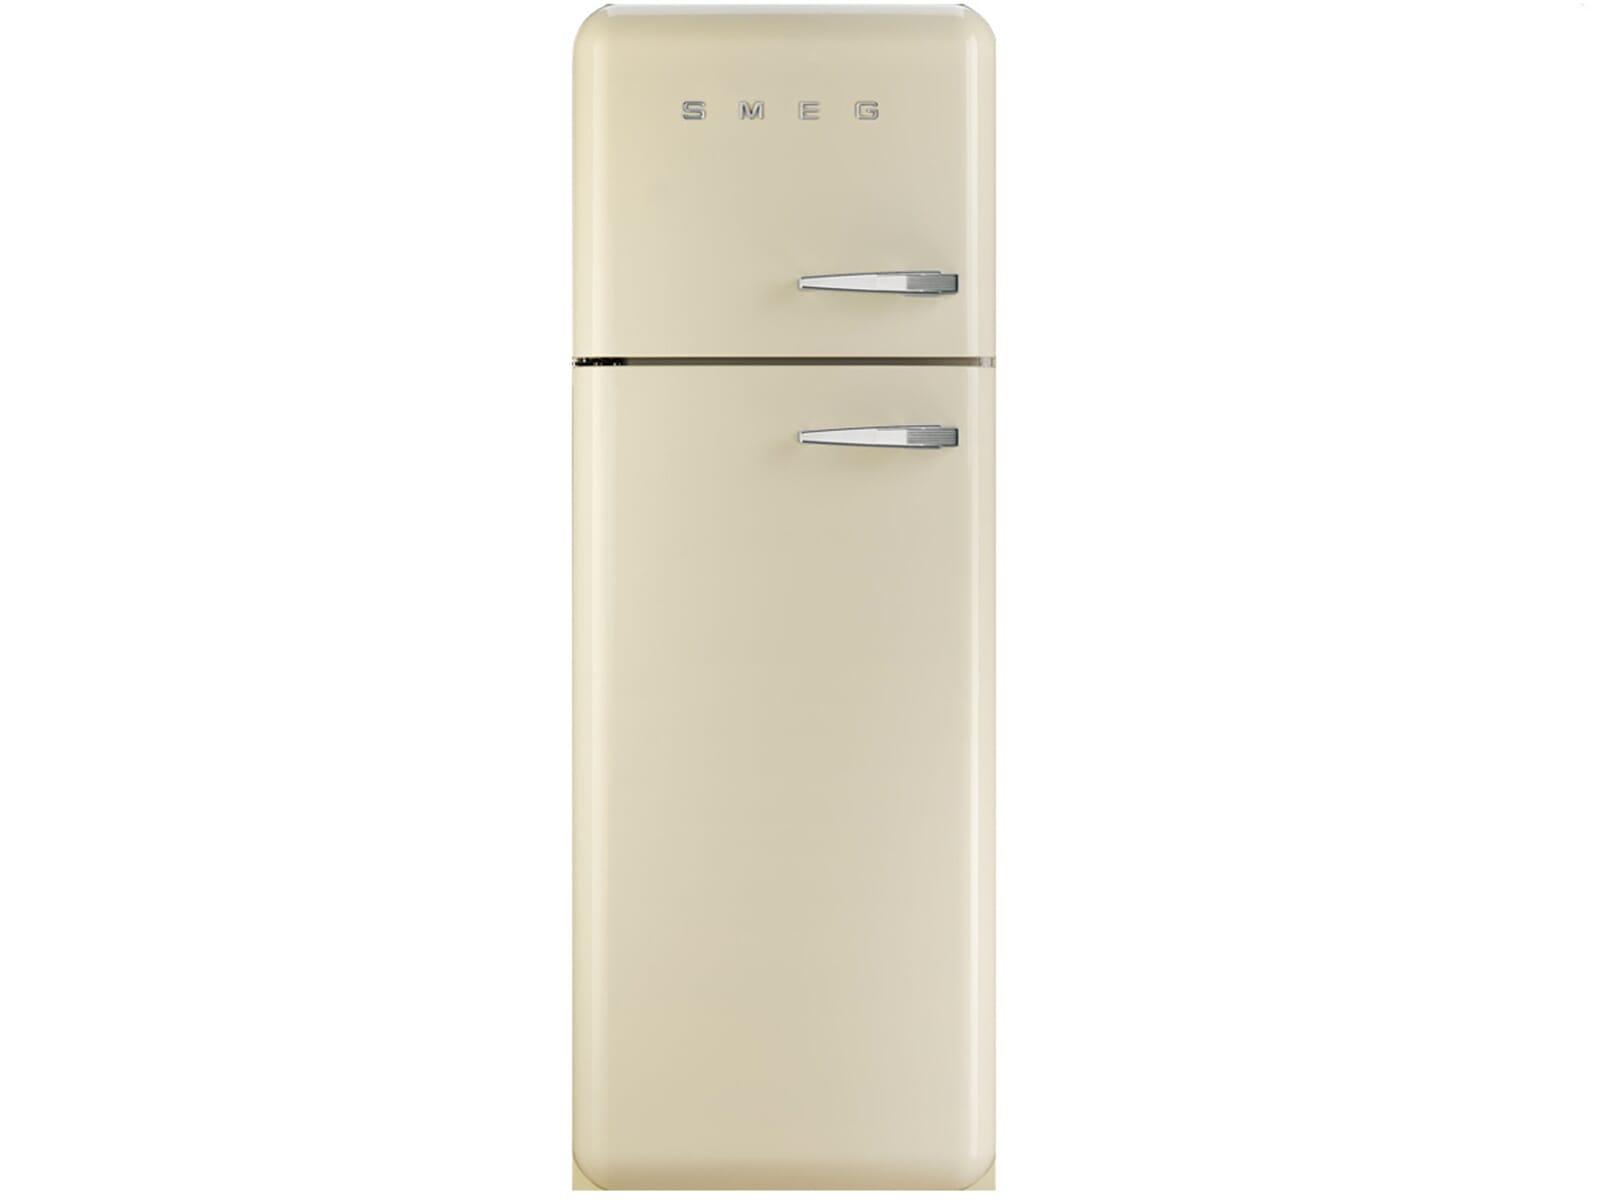 Smeg Kühlschrank Black Velvet : Kühlschrank freistehend retro smeg kühlschrank fab28rbl3 schwarz